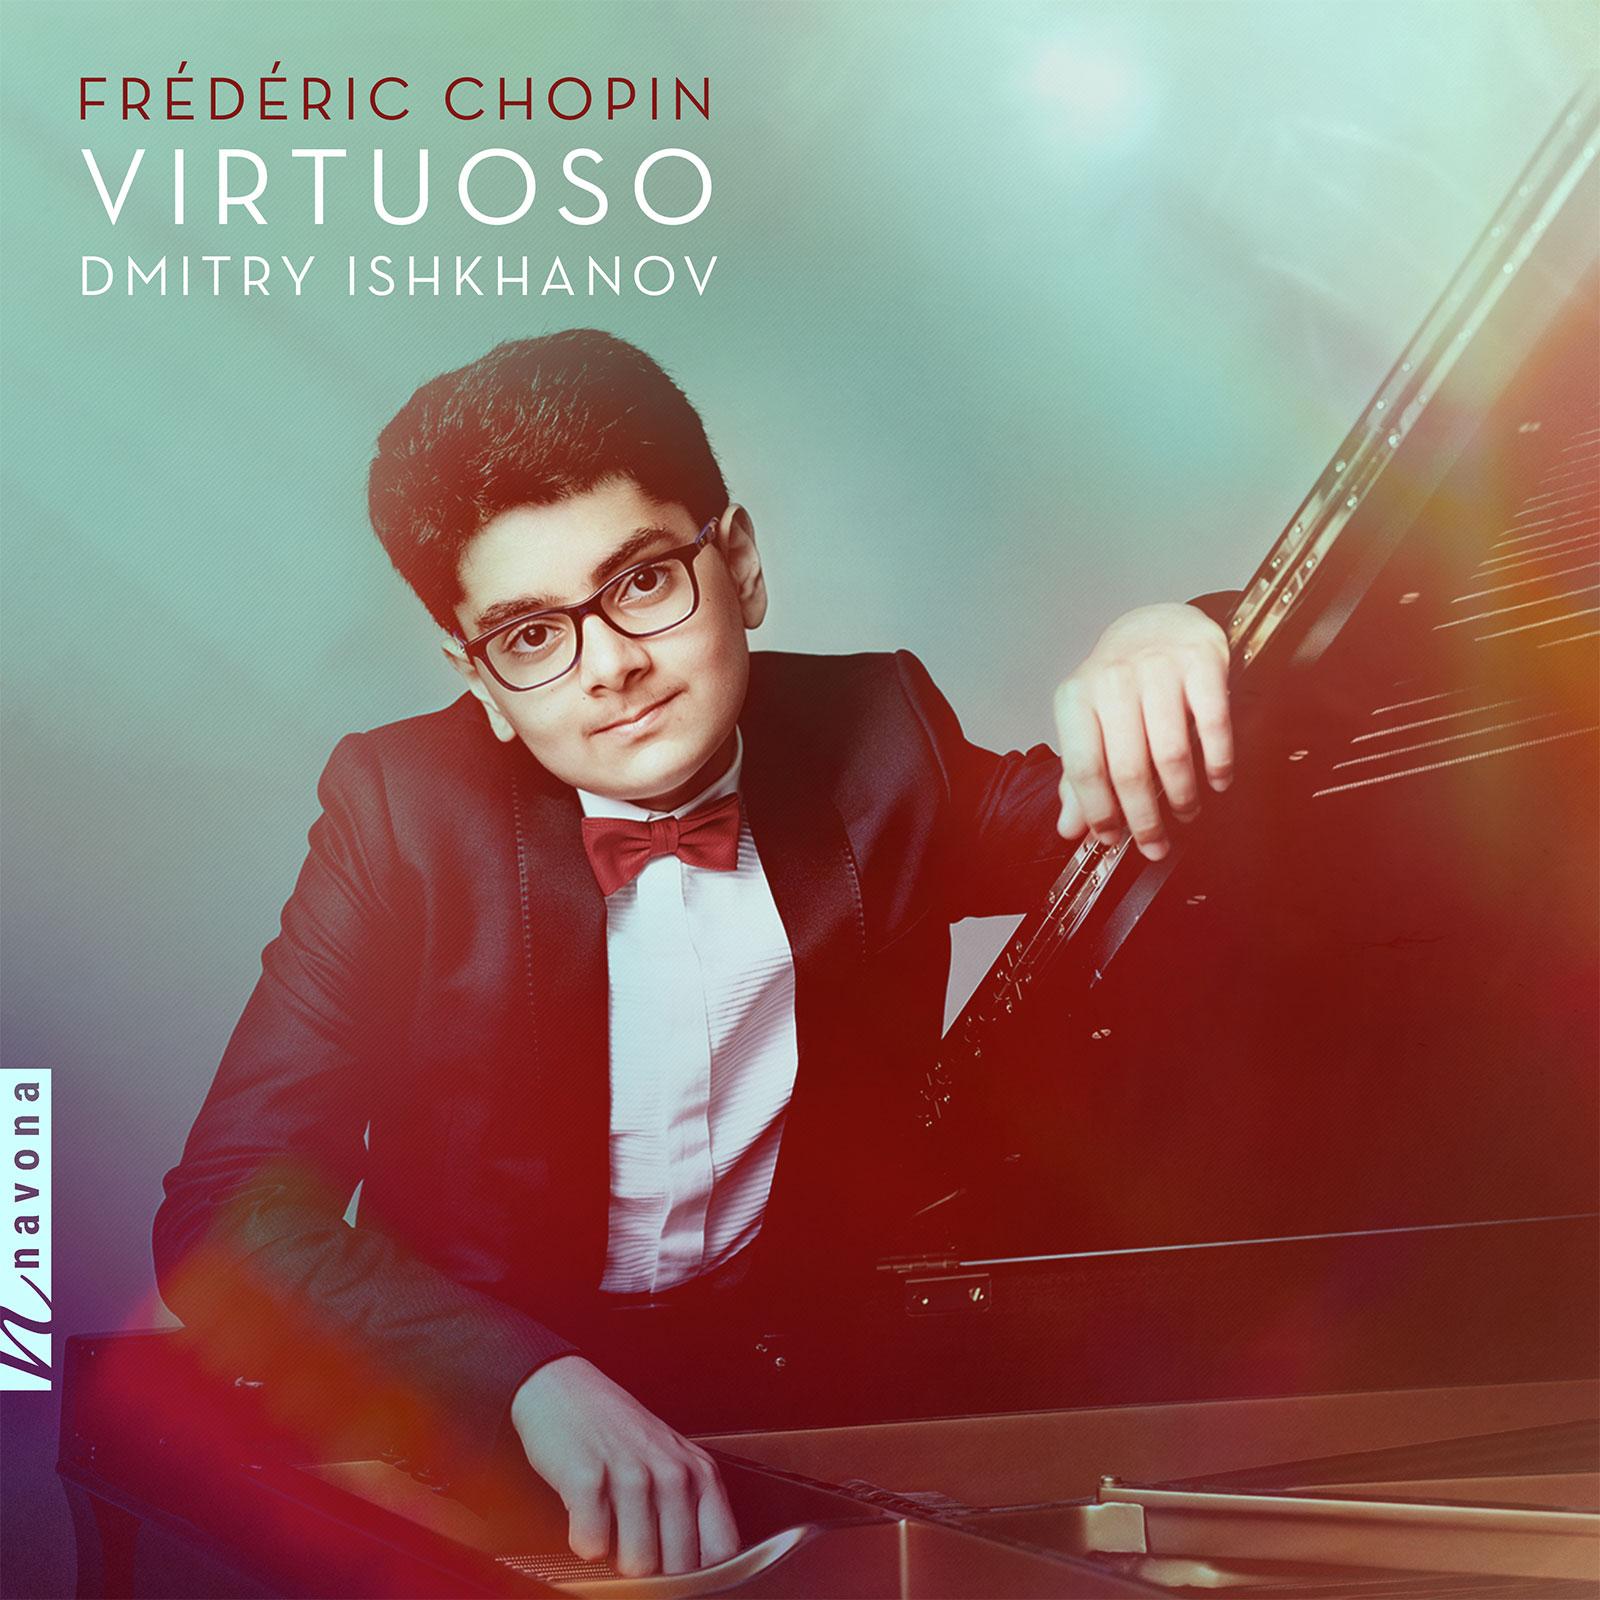 VIRTUOSO - Dmitry Ishkhanov - Album Cover